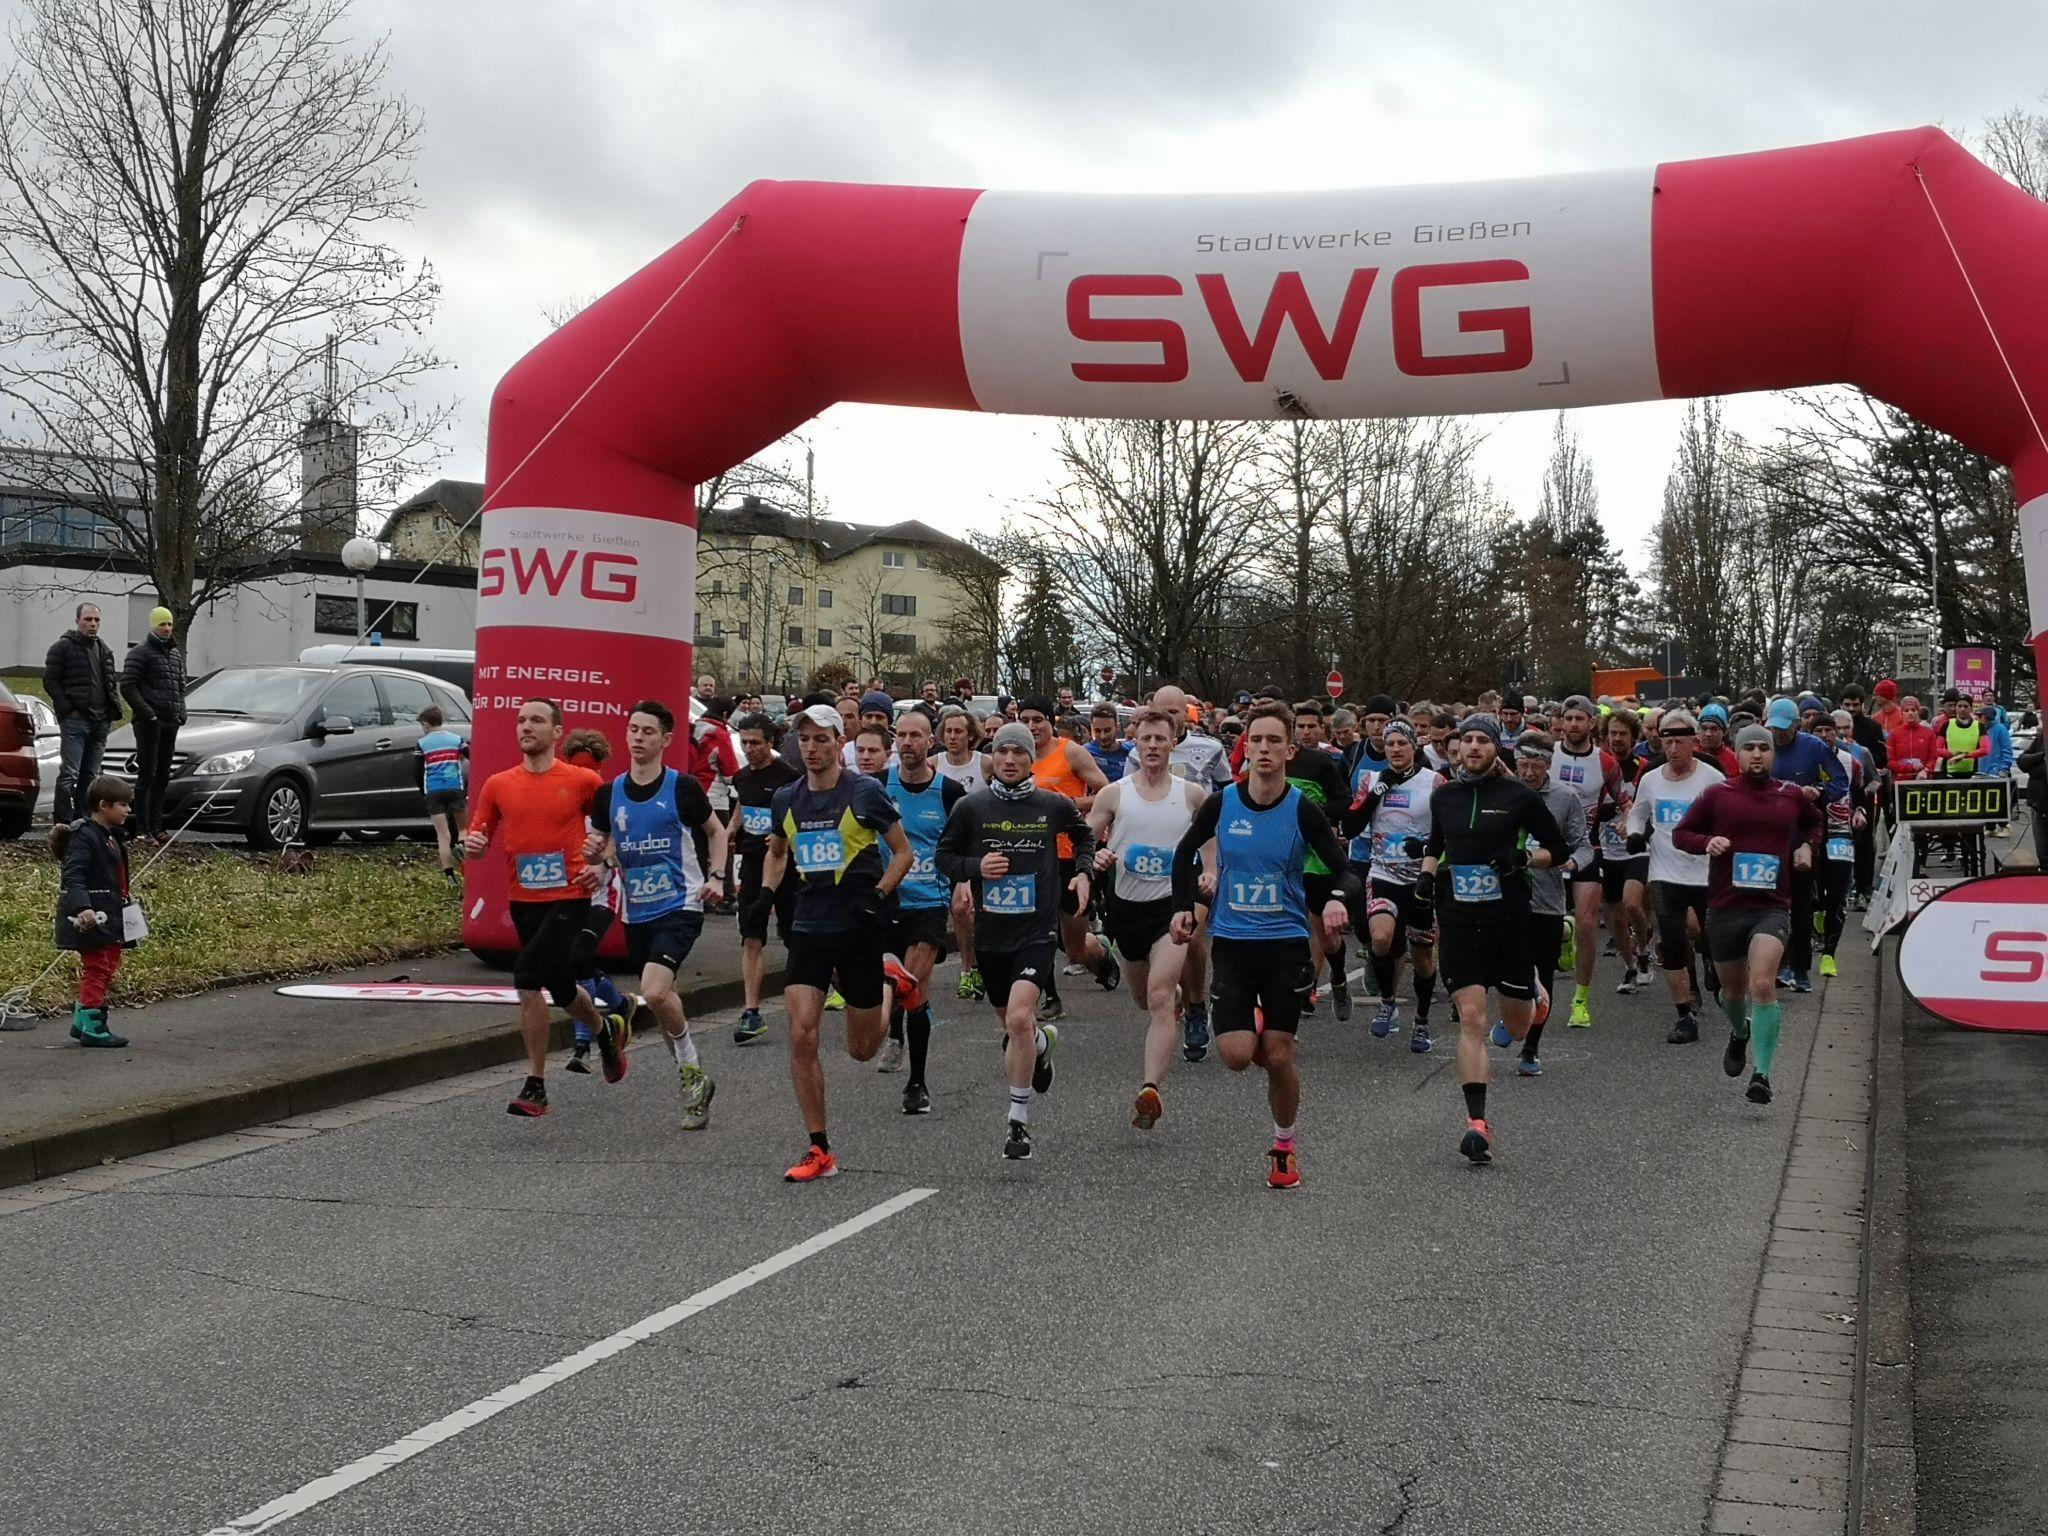 Start 15km WLS Pohlheim  Clemens VfL 1860 Marburg